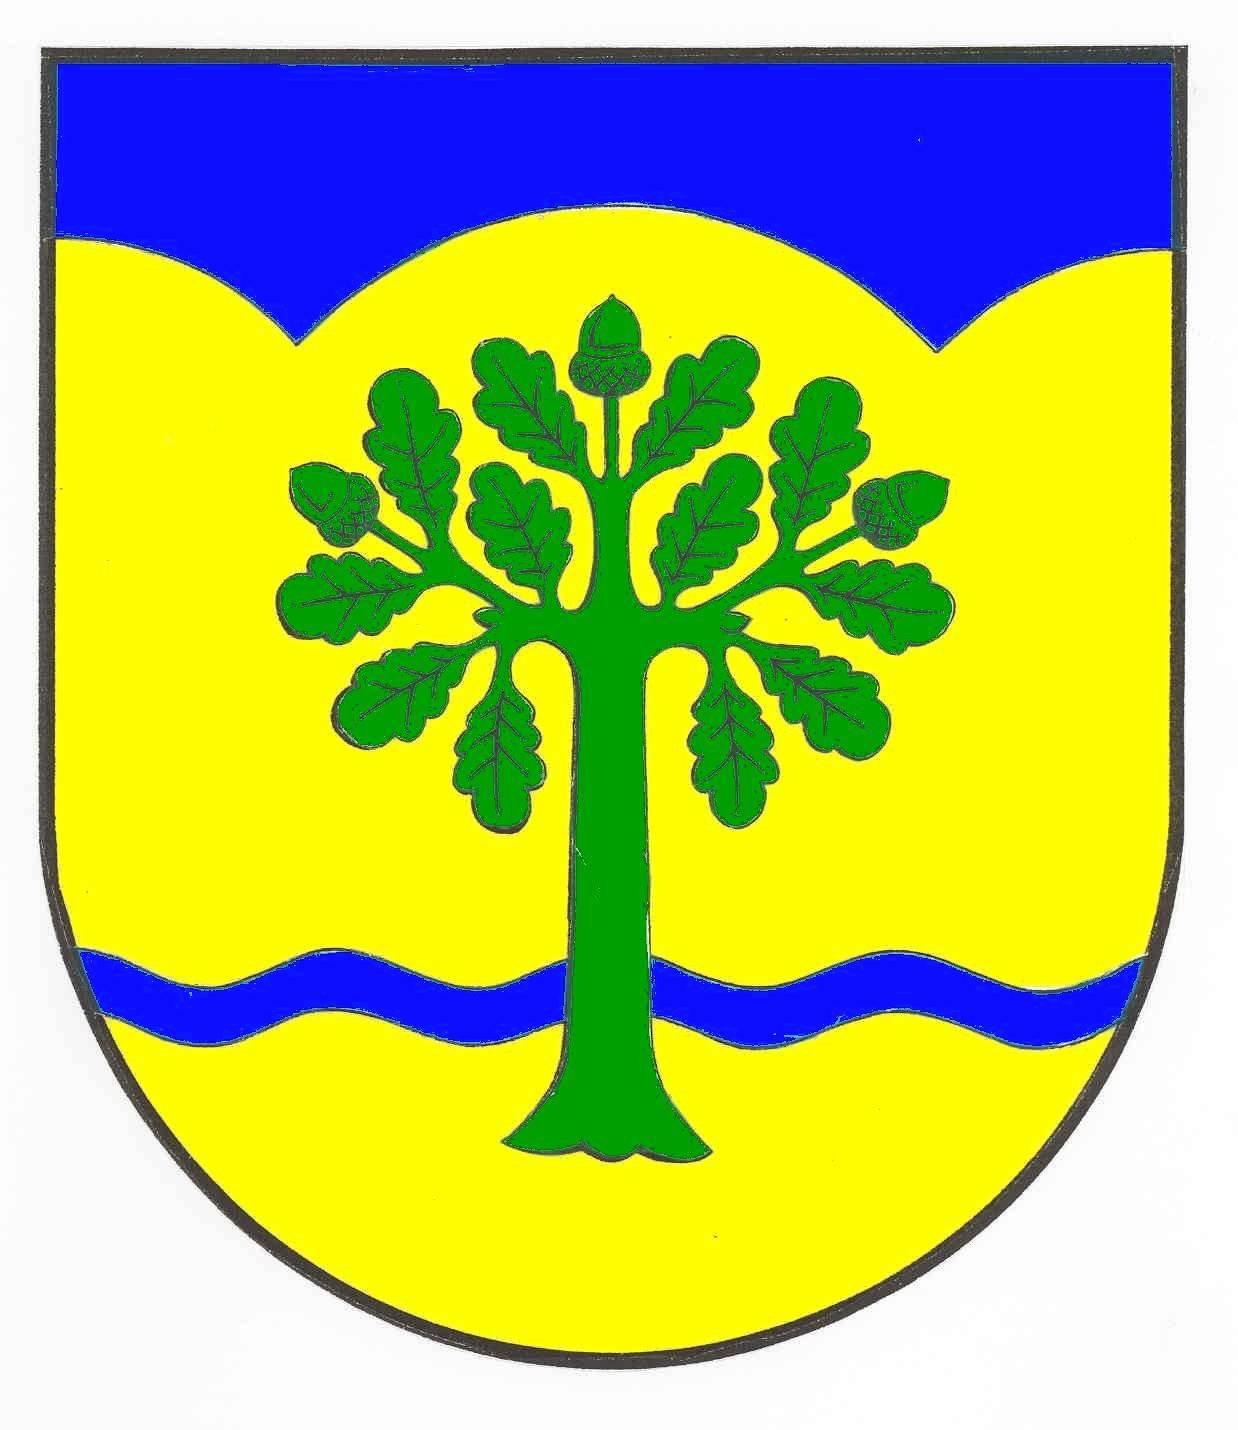 Wappen GemeindeBarkelsby, Kreis Rendsburg-Eckernförde